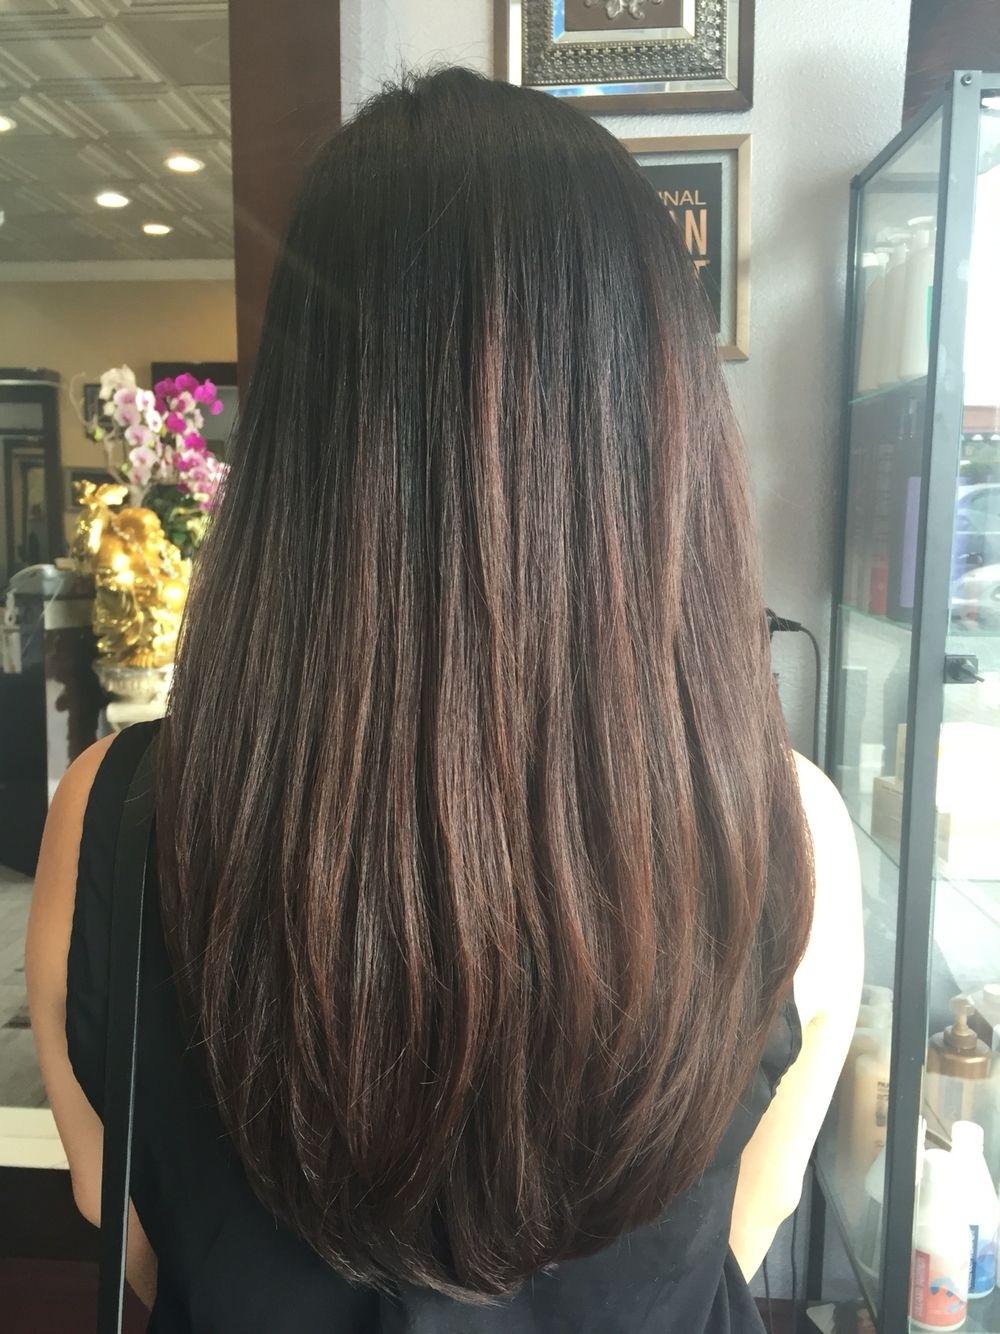 U Shaped Haircut For Thin Hair - Wavy Haircut